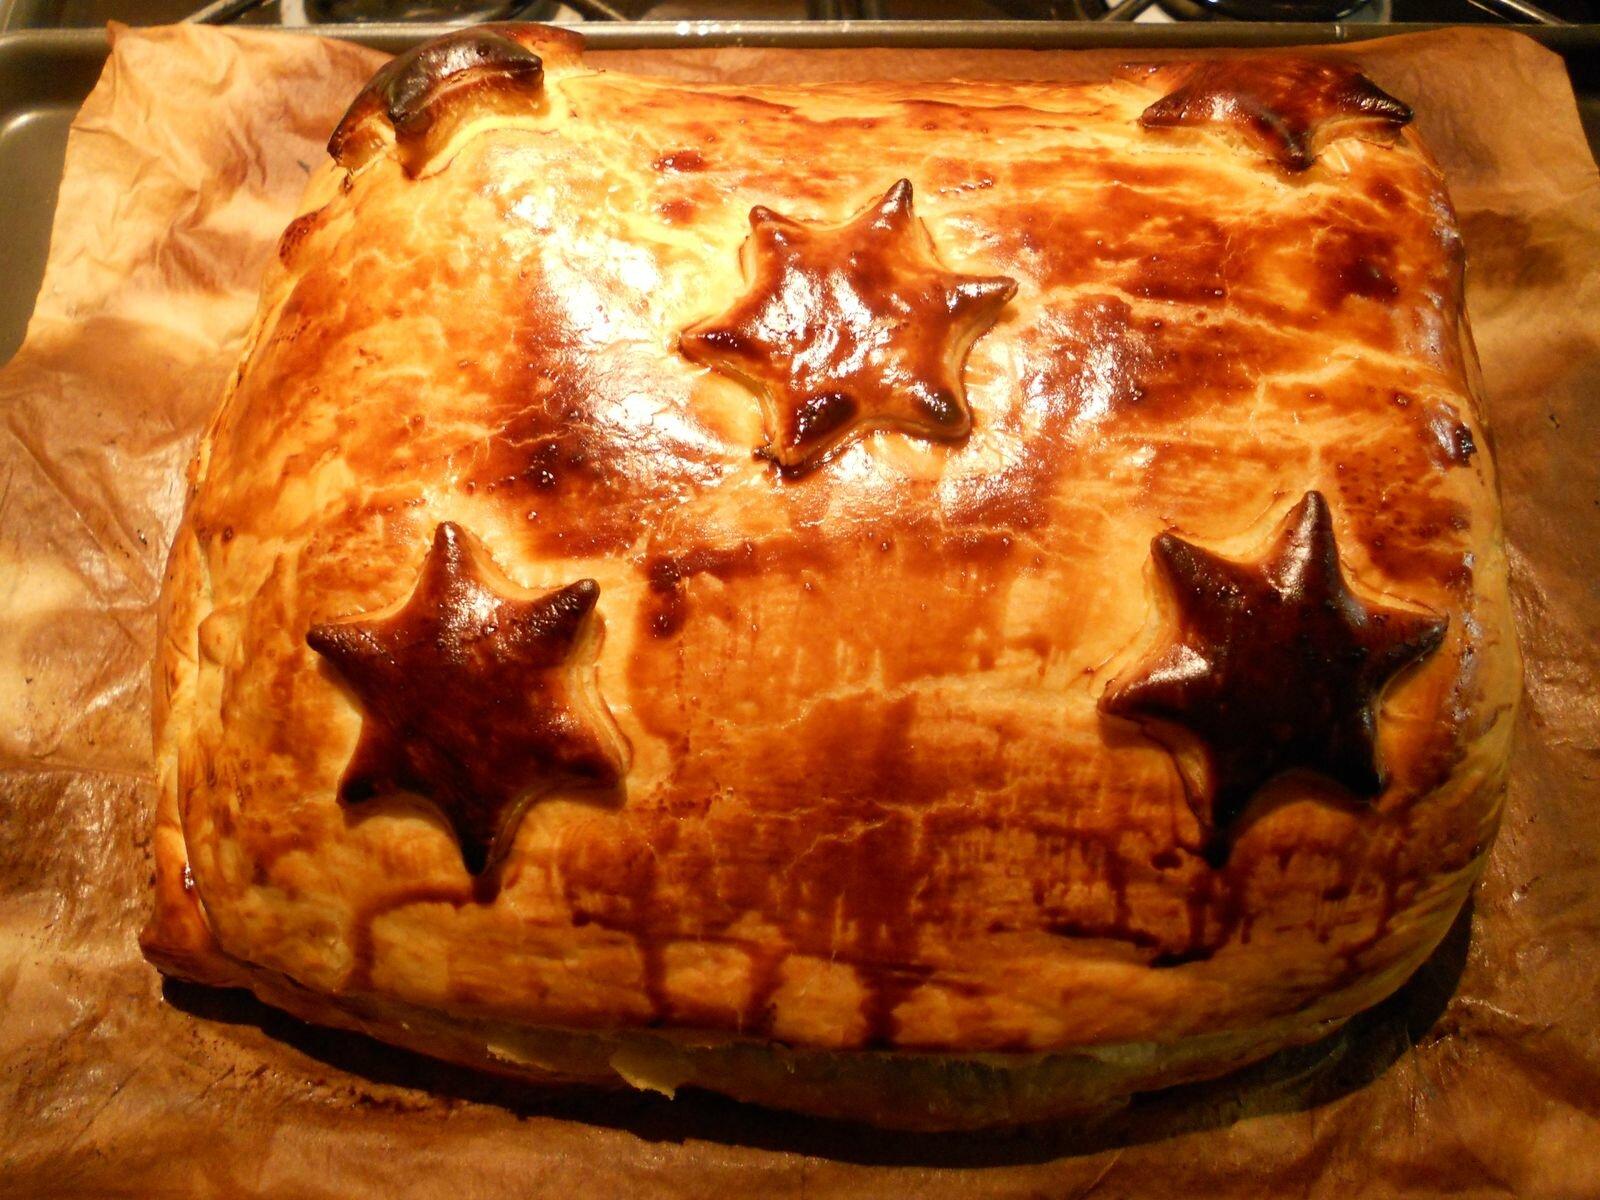 Filet de boeuf en croûte au foie gras, morilles et truffe